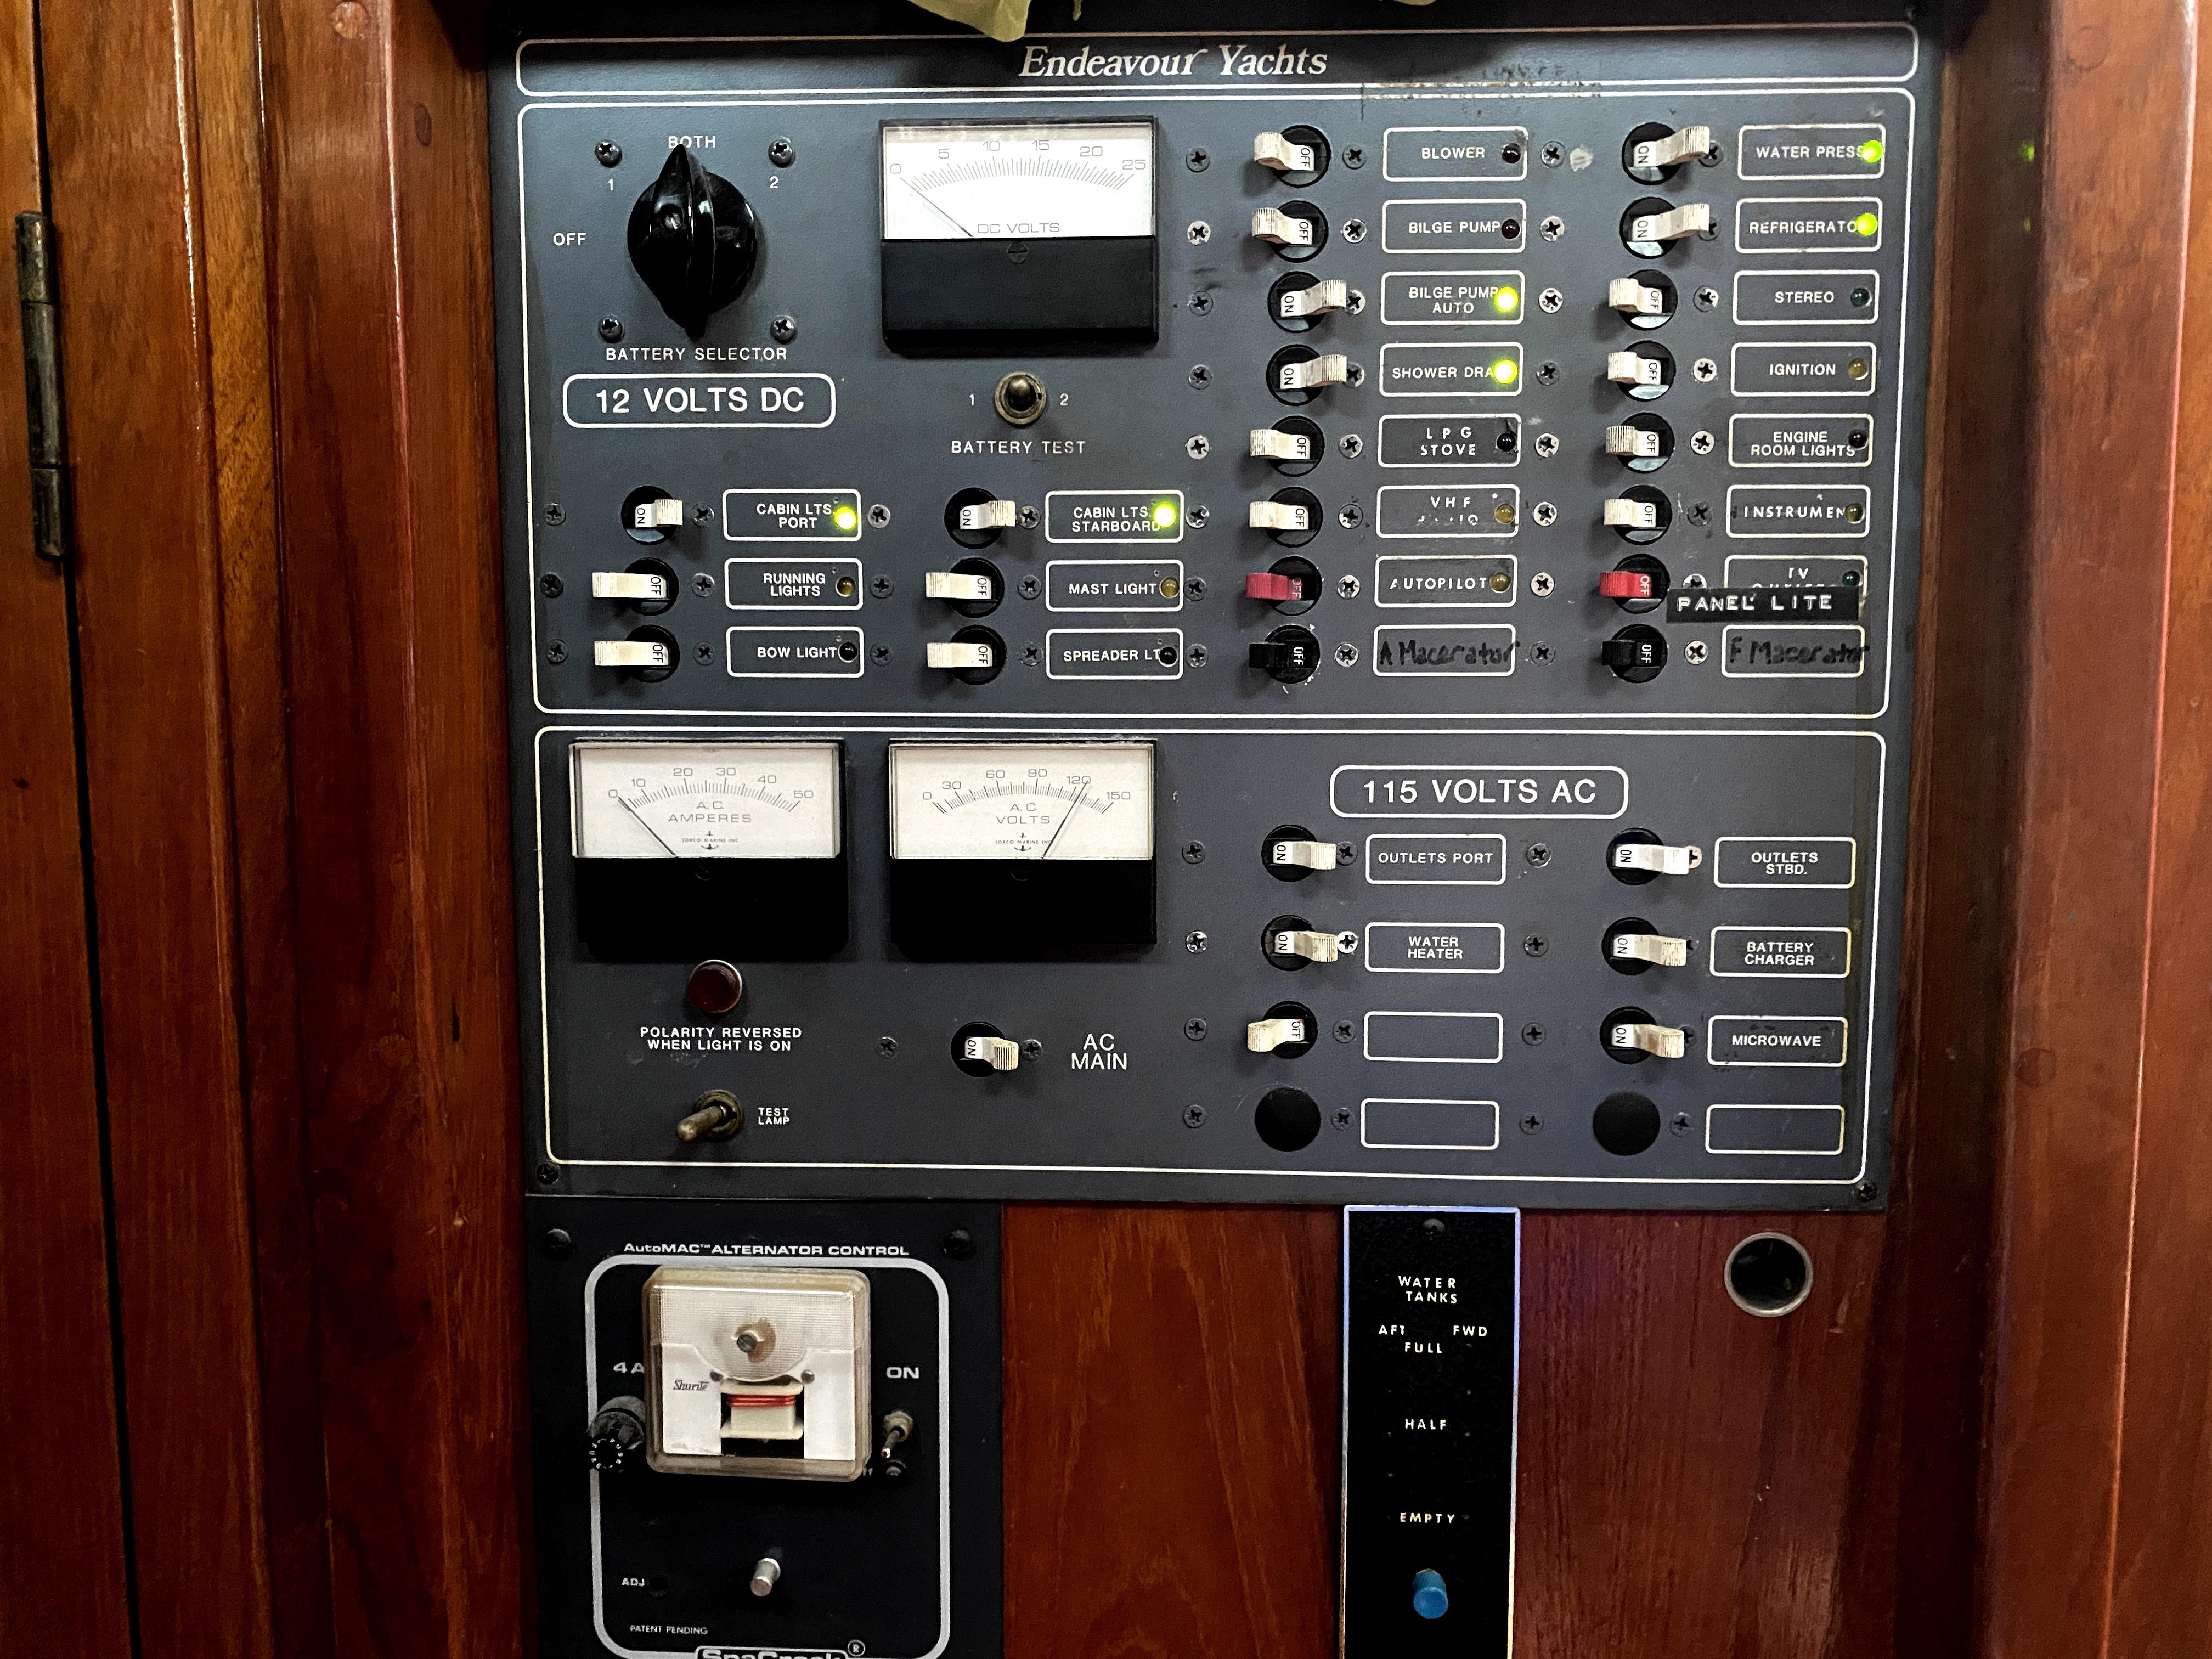 Endeavour 40 Center Cockpit - AC/DC electric panel